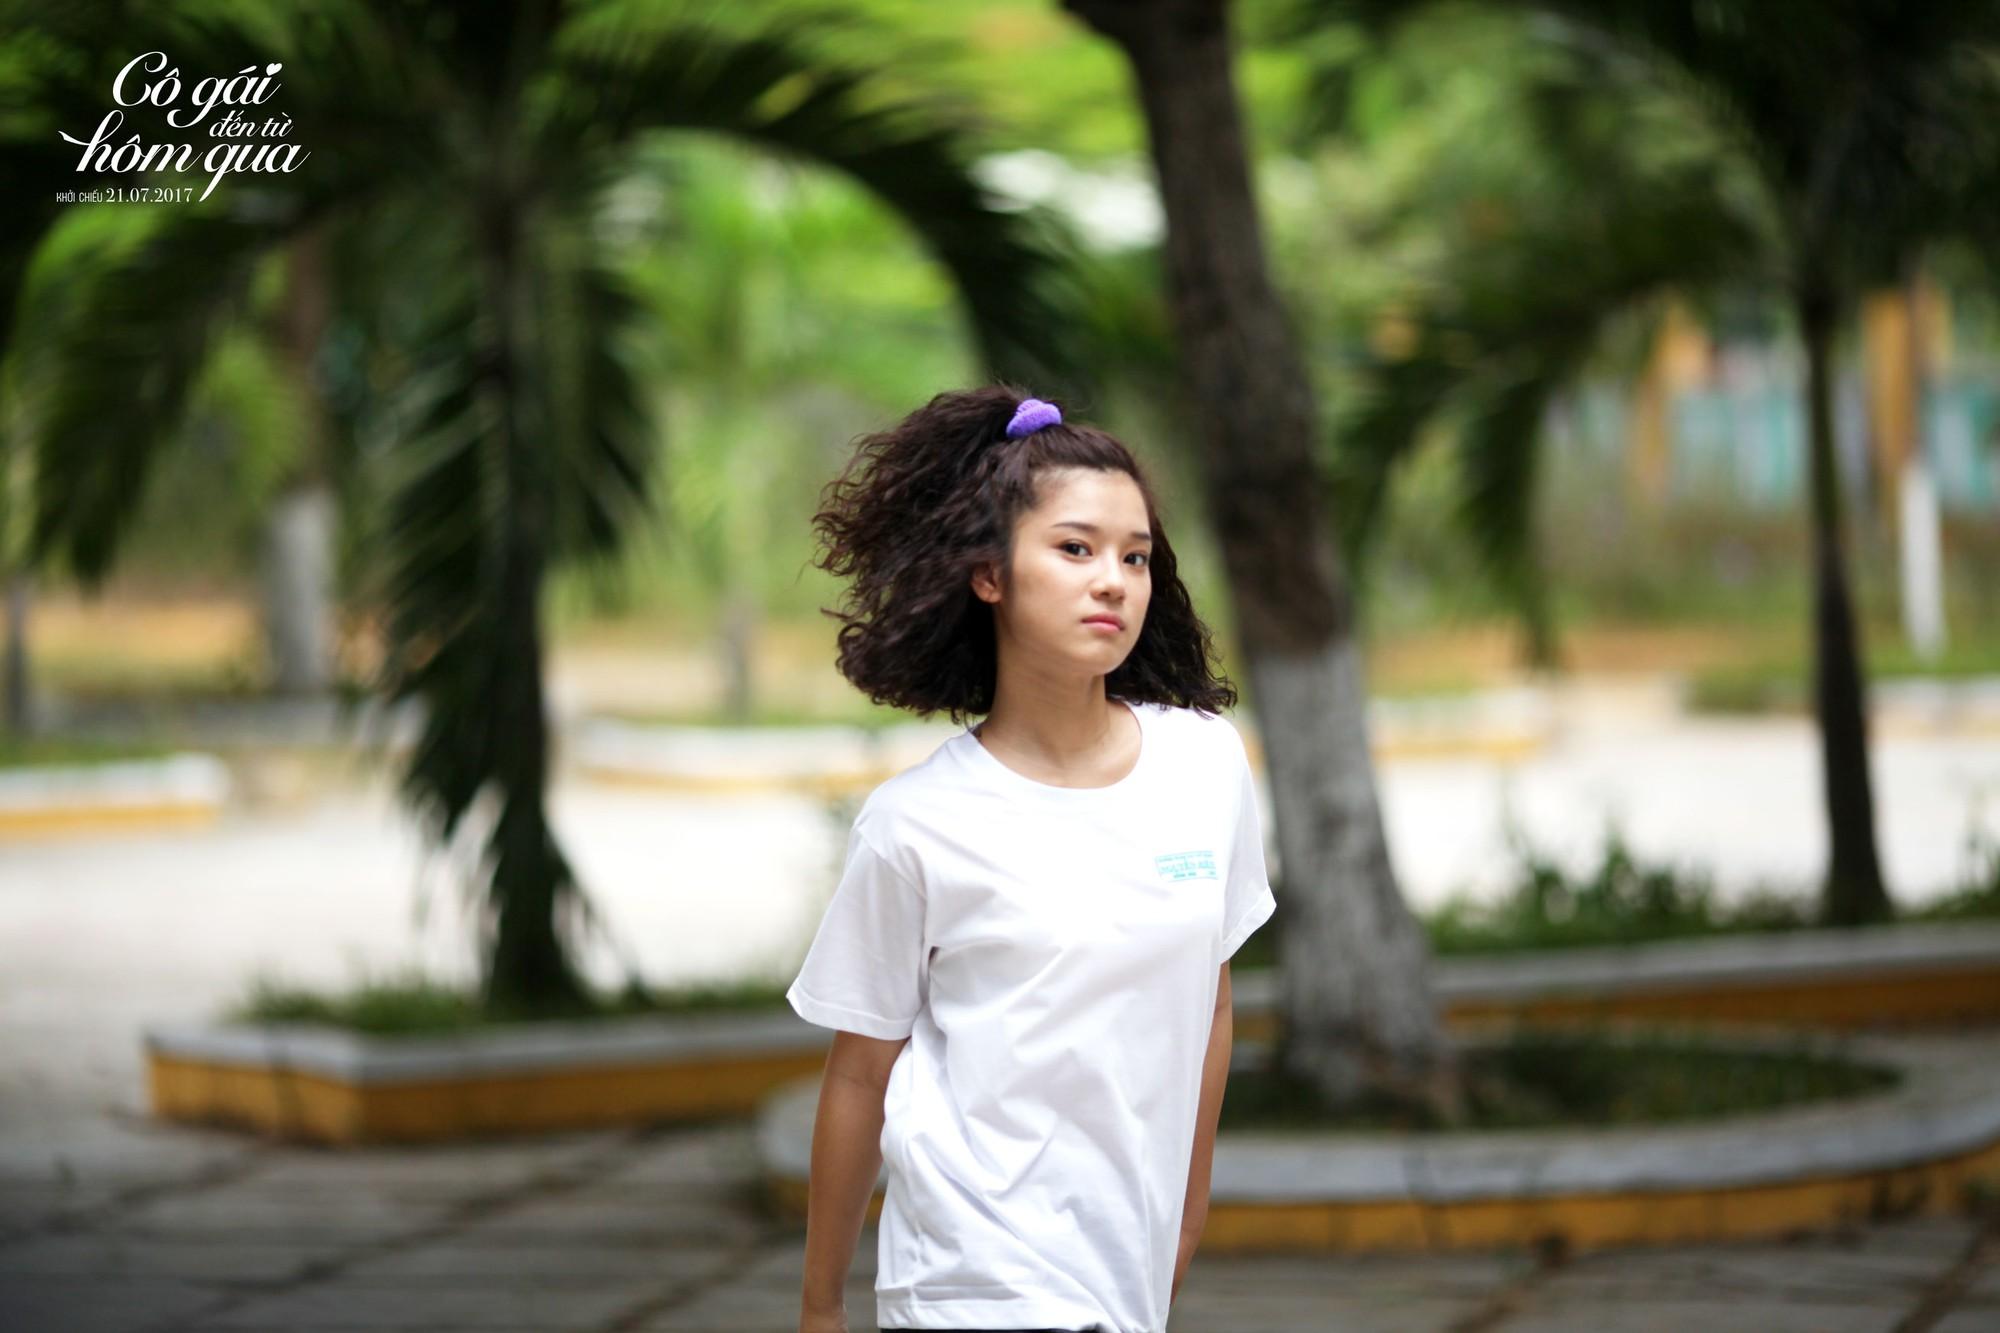 Tháng năm rực rỡ của cô diễn viên Hoàng Yến Chibi đã bắt đầu từ hôm nay! - Ảnh 2.